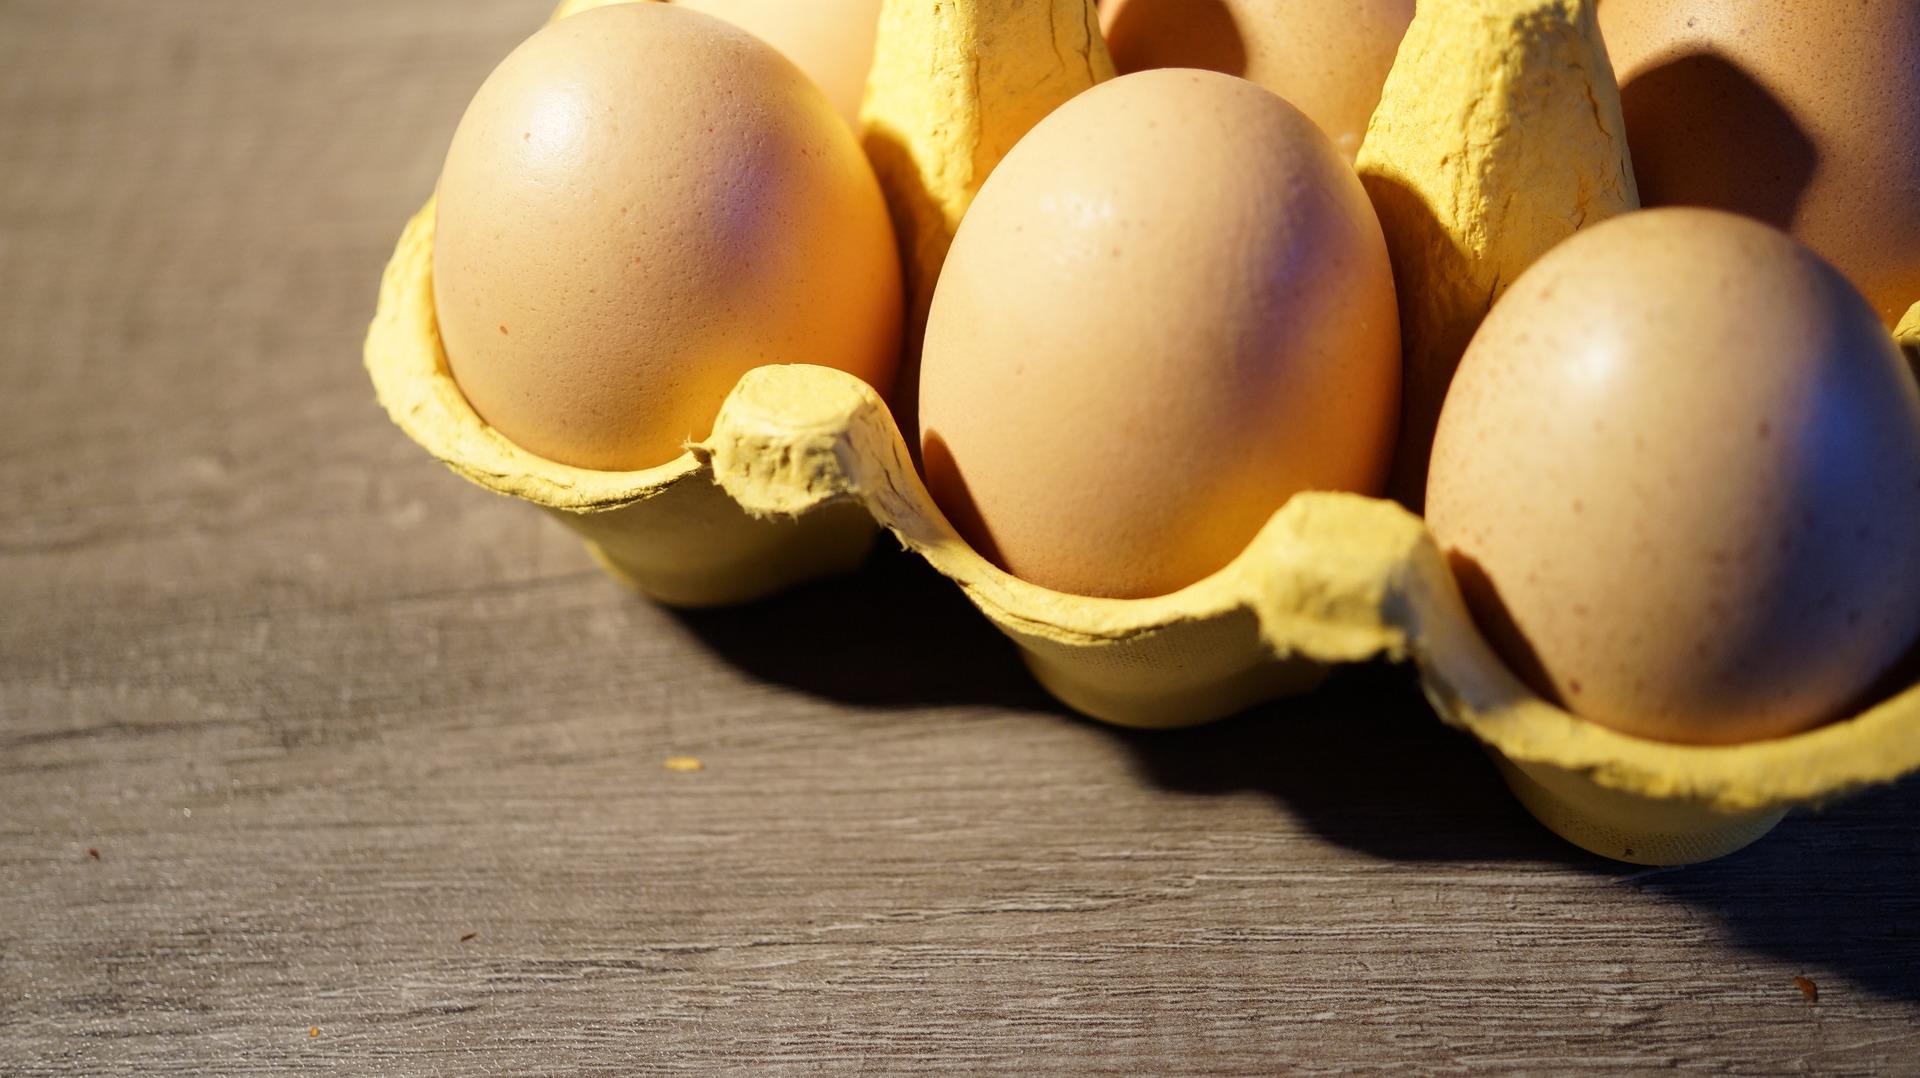 [#AgriGoodNews] Un pic de consommation d'œufs pendant le coronavirus : la filière réponde à la demande